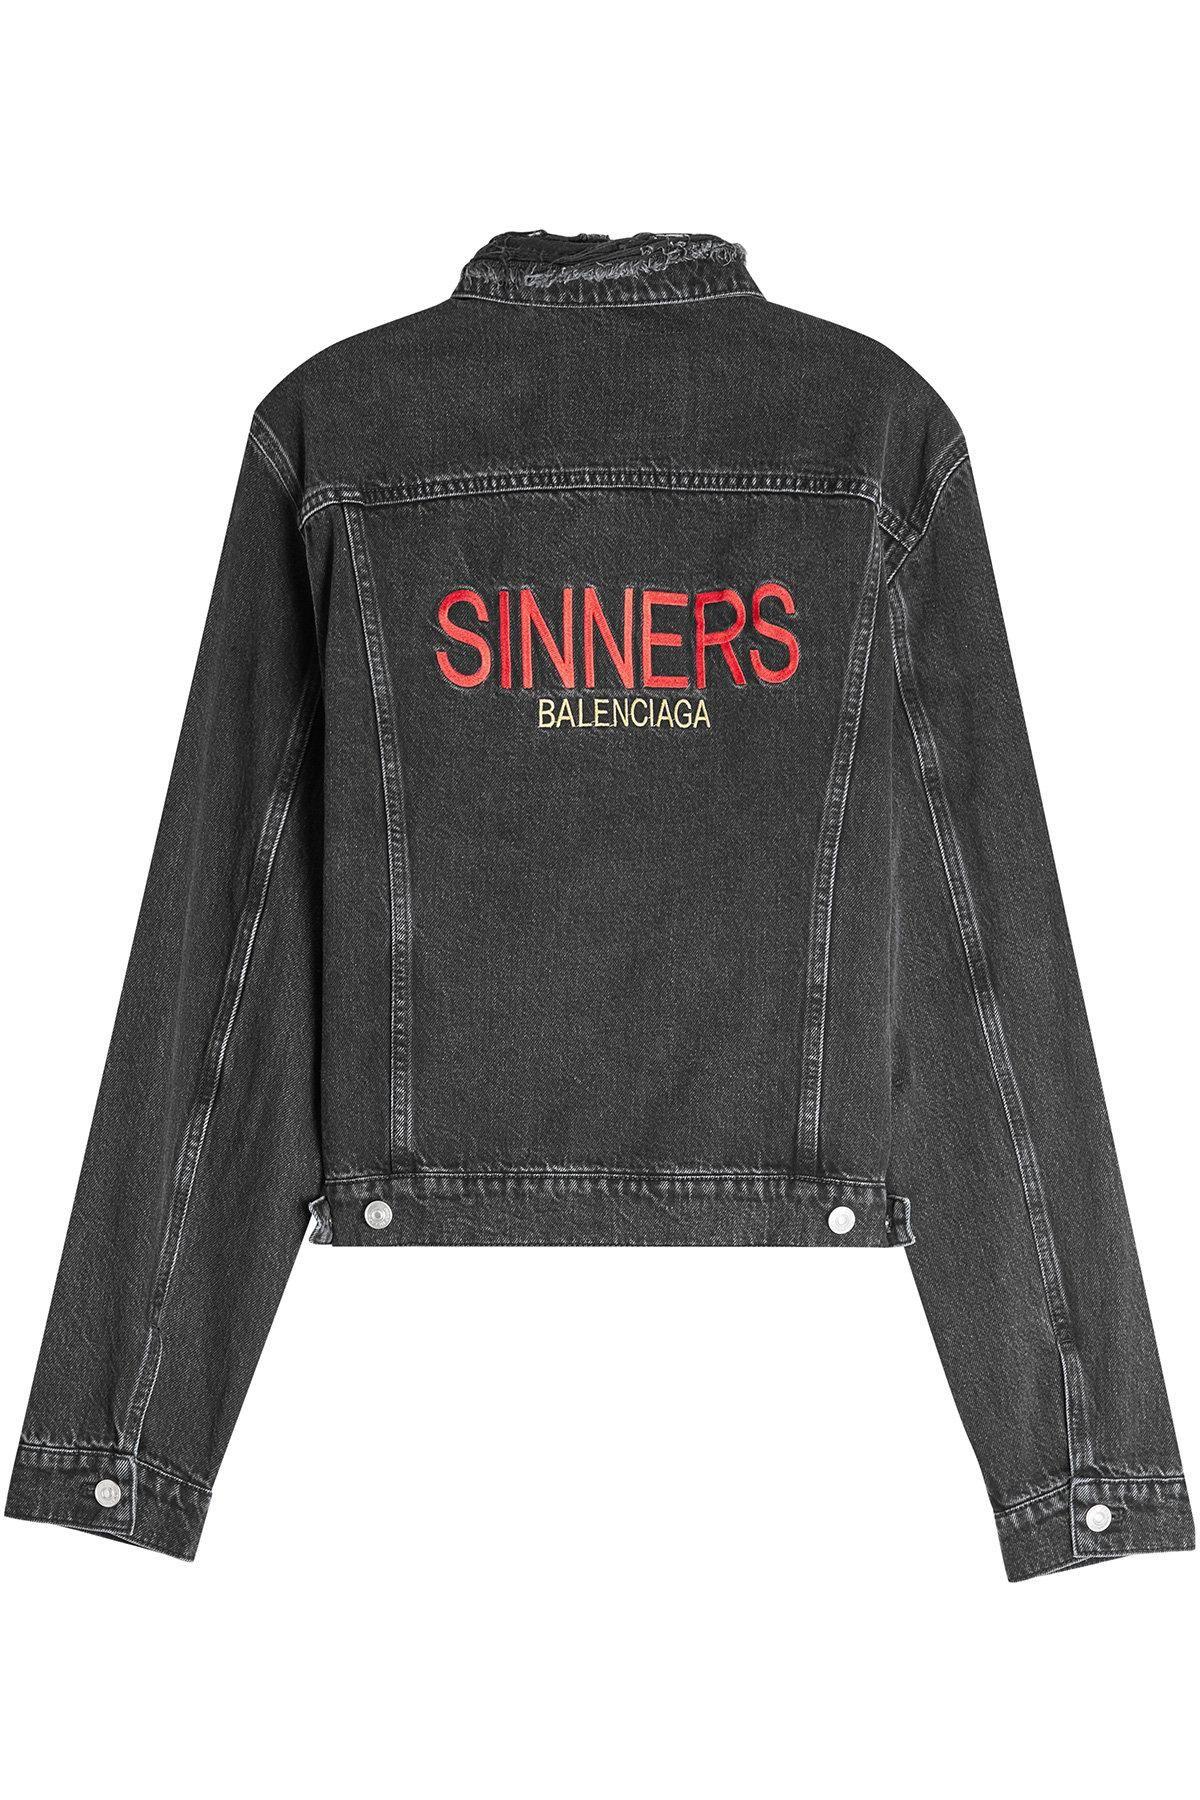 44b9382655  STYLEBOP.com (FR NL IT) -  Balenciaga Balenciaga Sinners Denim Jacket -  AdoreWe.com